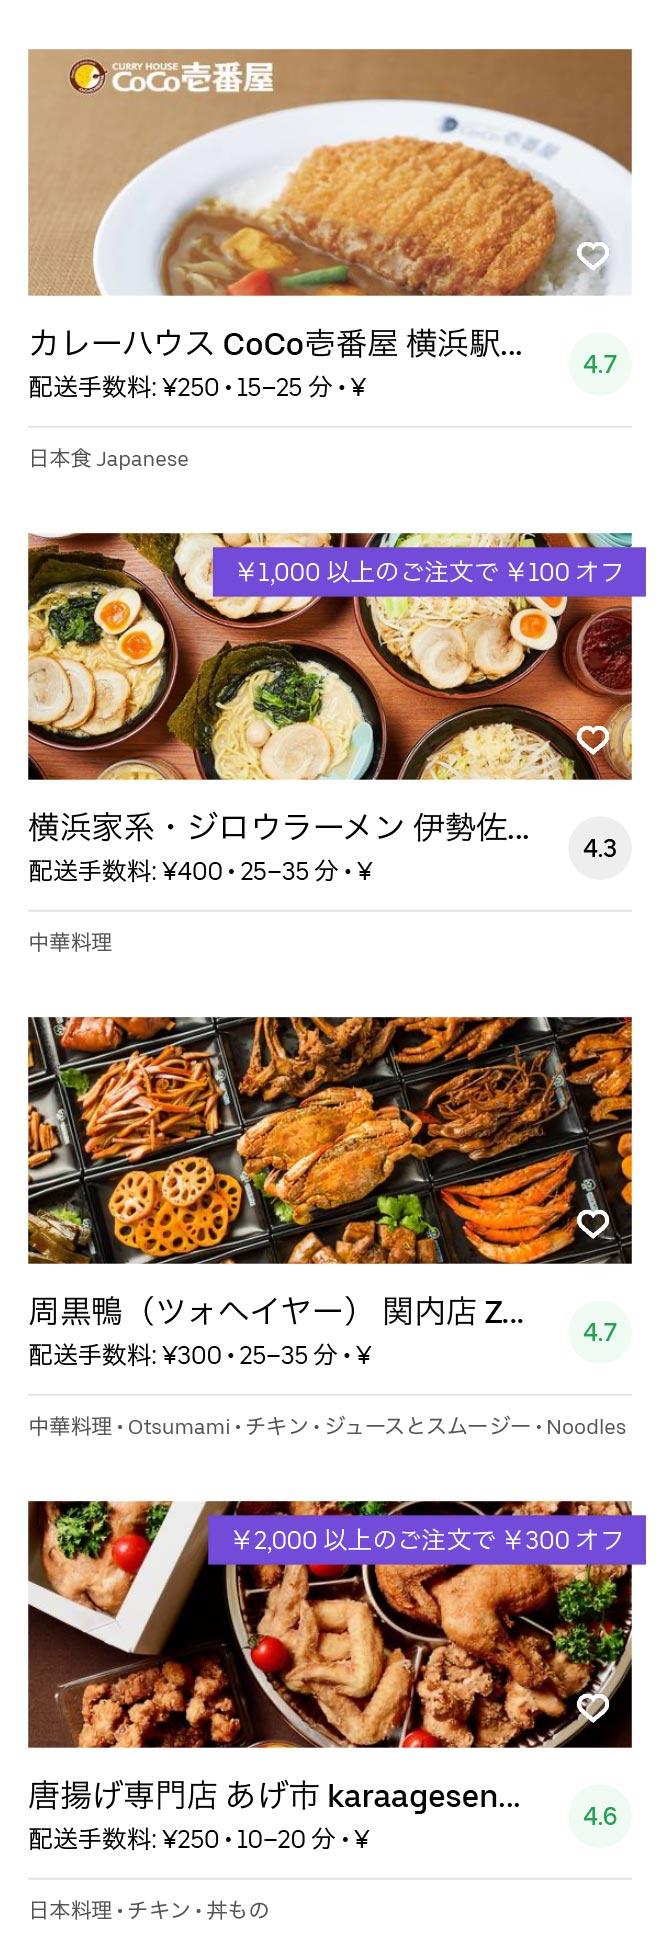 Yokohama hodogaya menu 2004 06